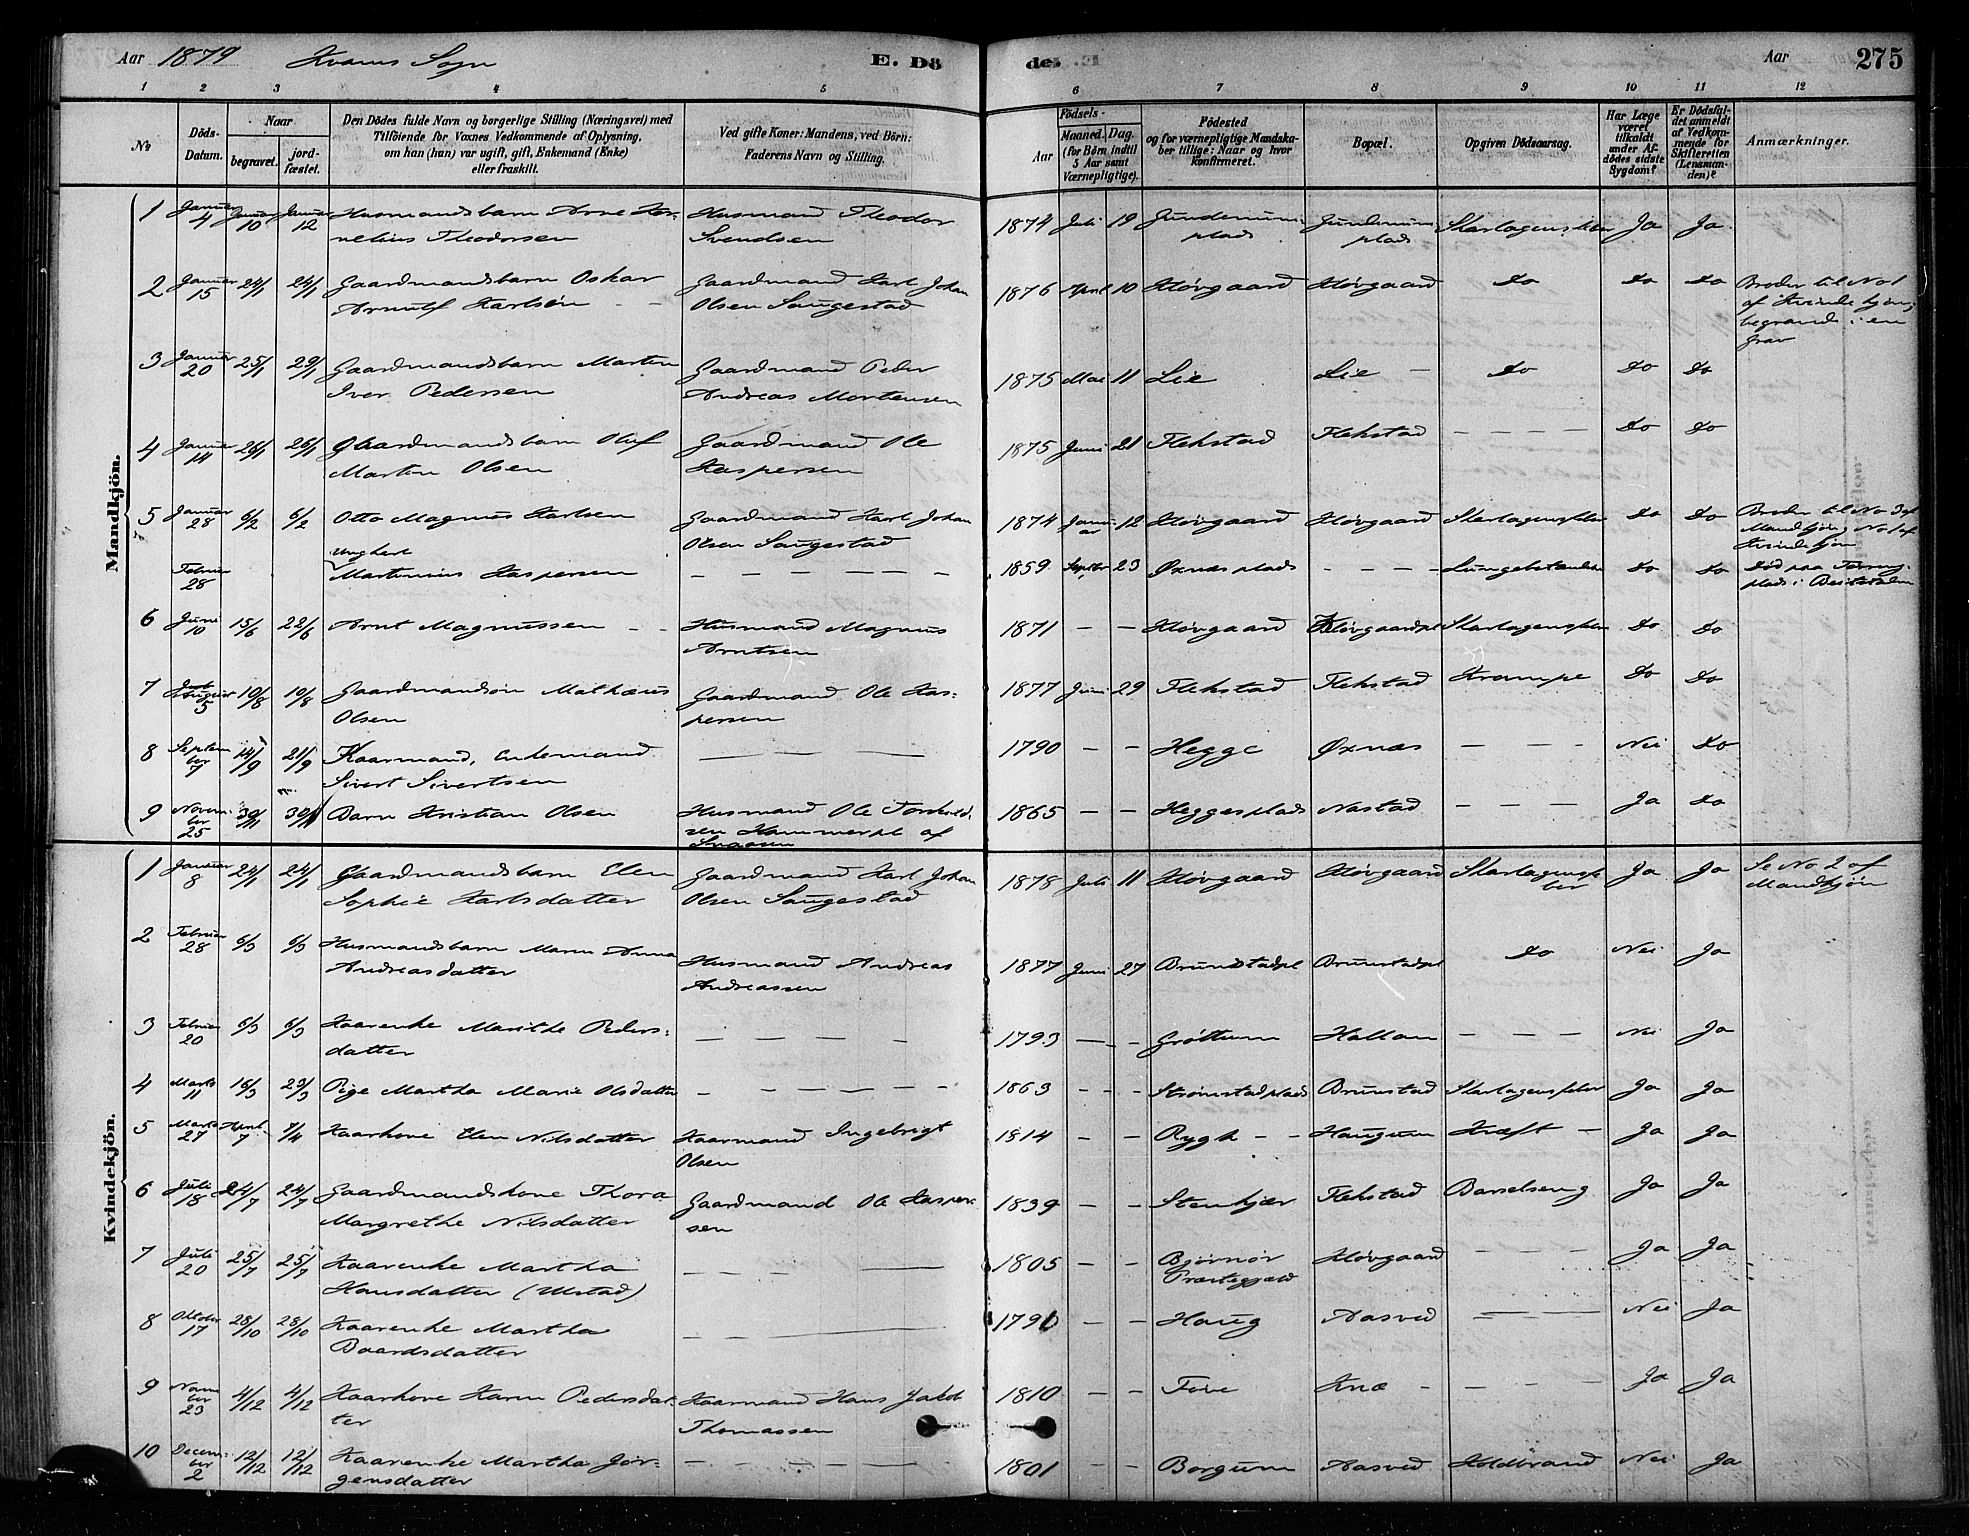 SAT, Ministerialprotokoller, klokkerbøker og fødselsregistre - Nord-Trøndelag, 746/L0449: Ministerialbok nr. 746A07 /2, 1878-1899, s. 275